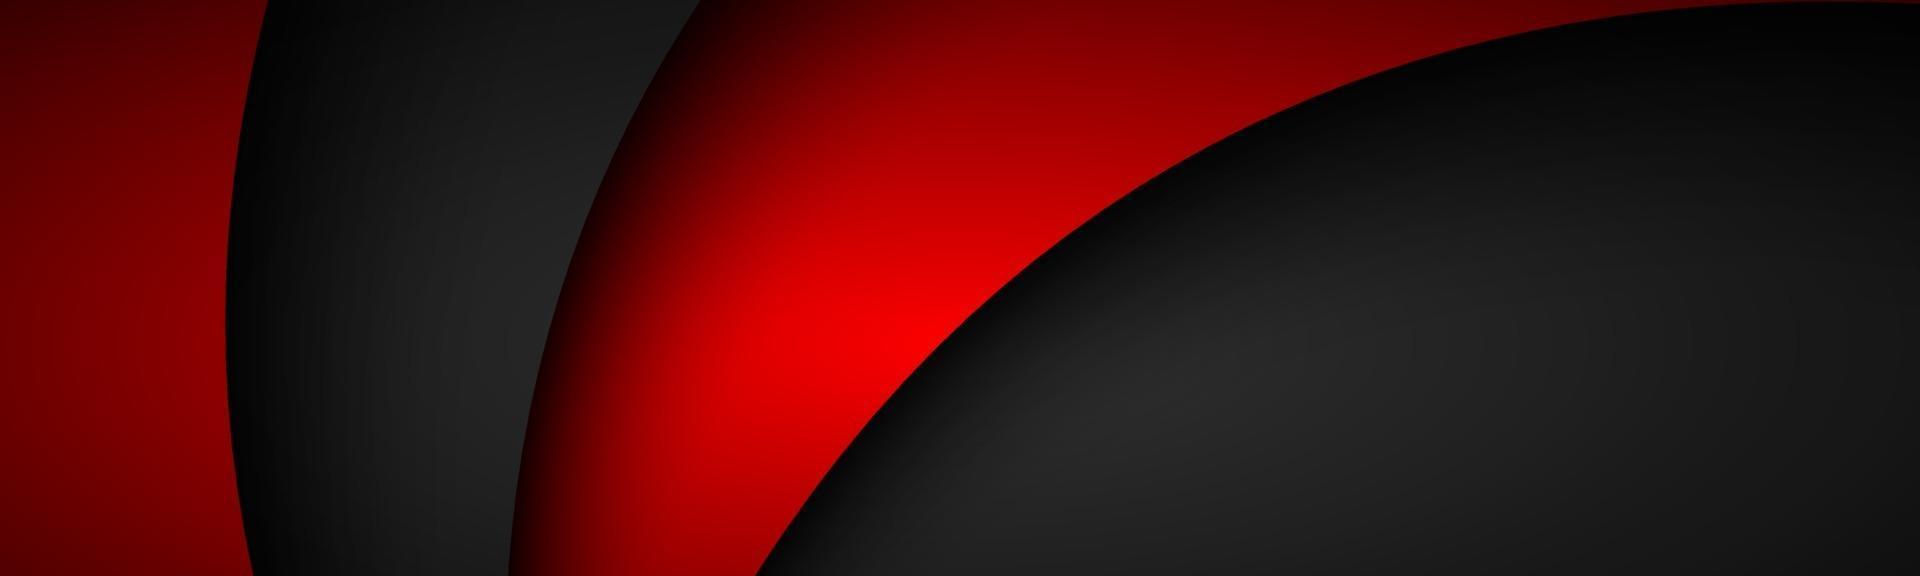 encabezado ondulado negro y rojo abstracto. banner de diseño corporativo moderno. superponer hojas de capas de papel vector